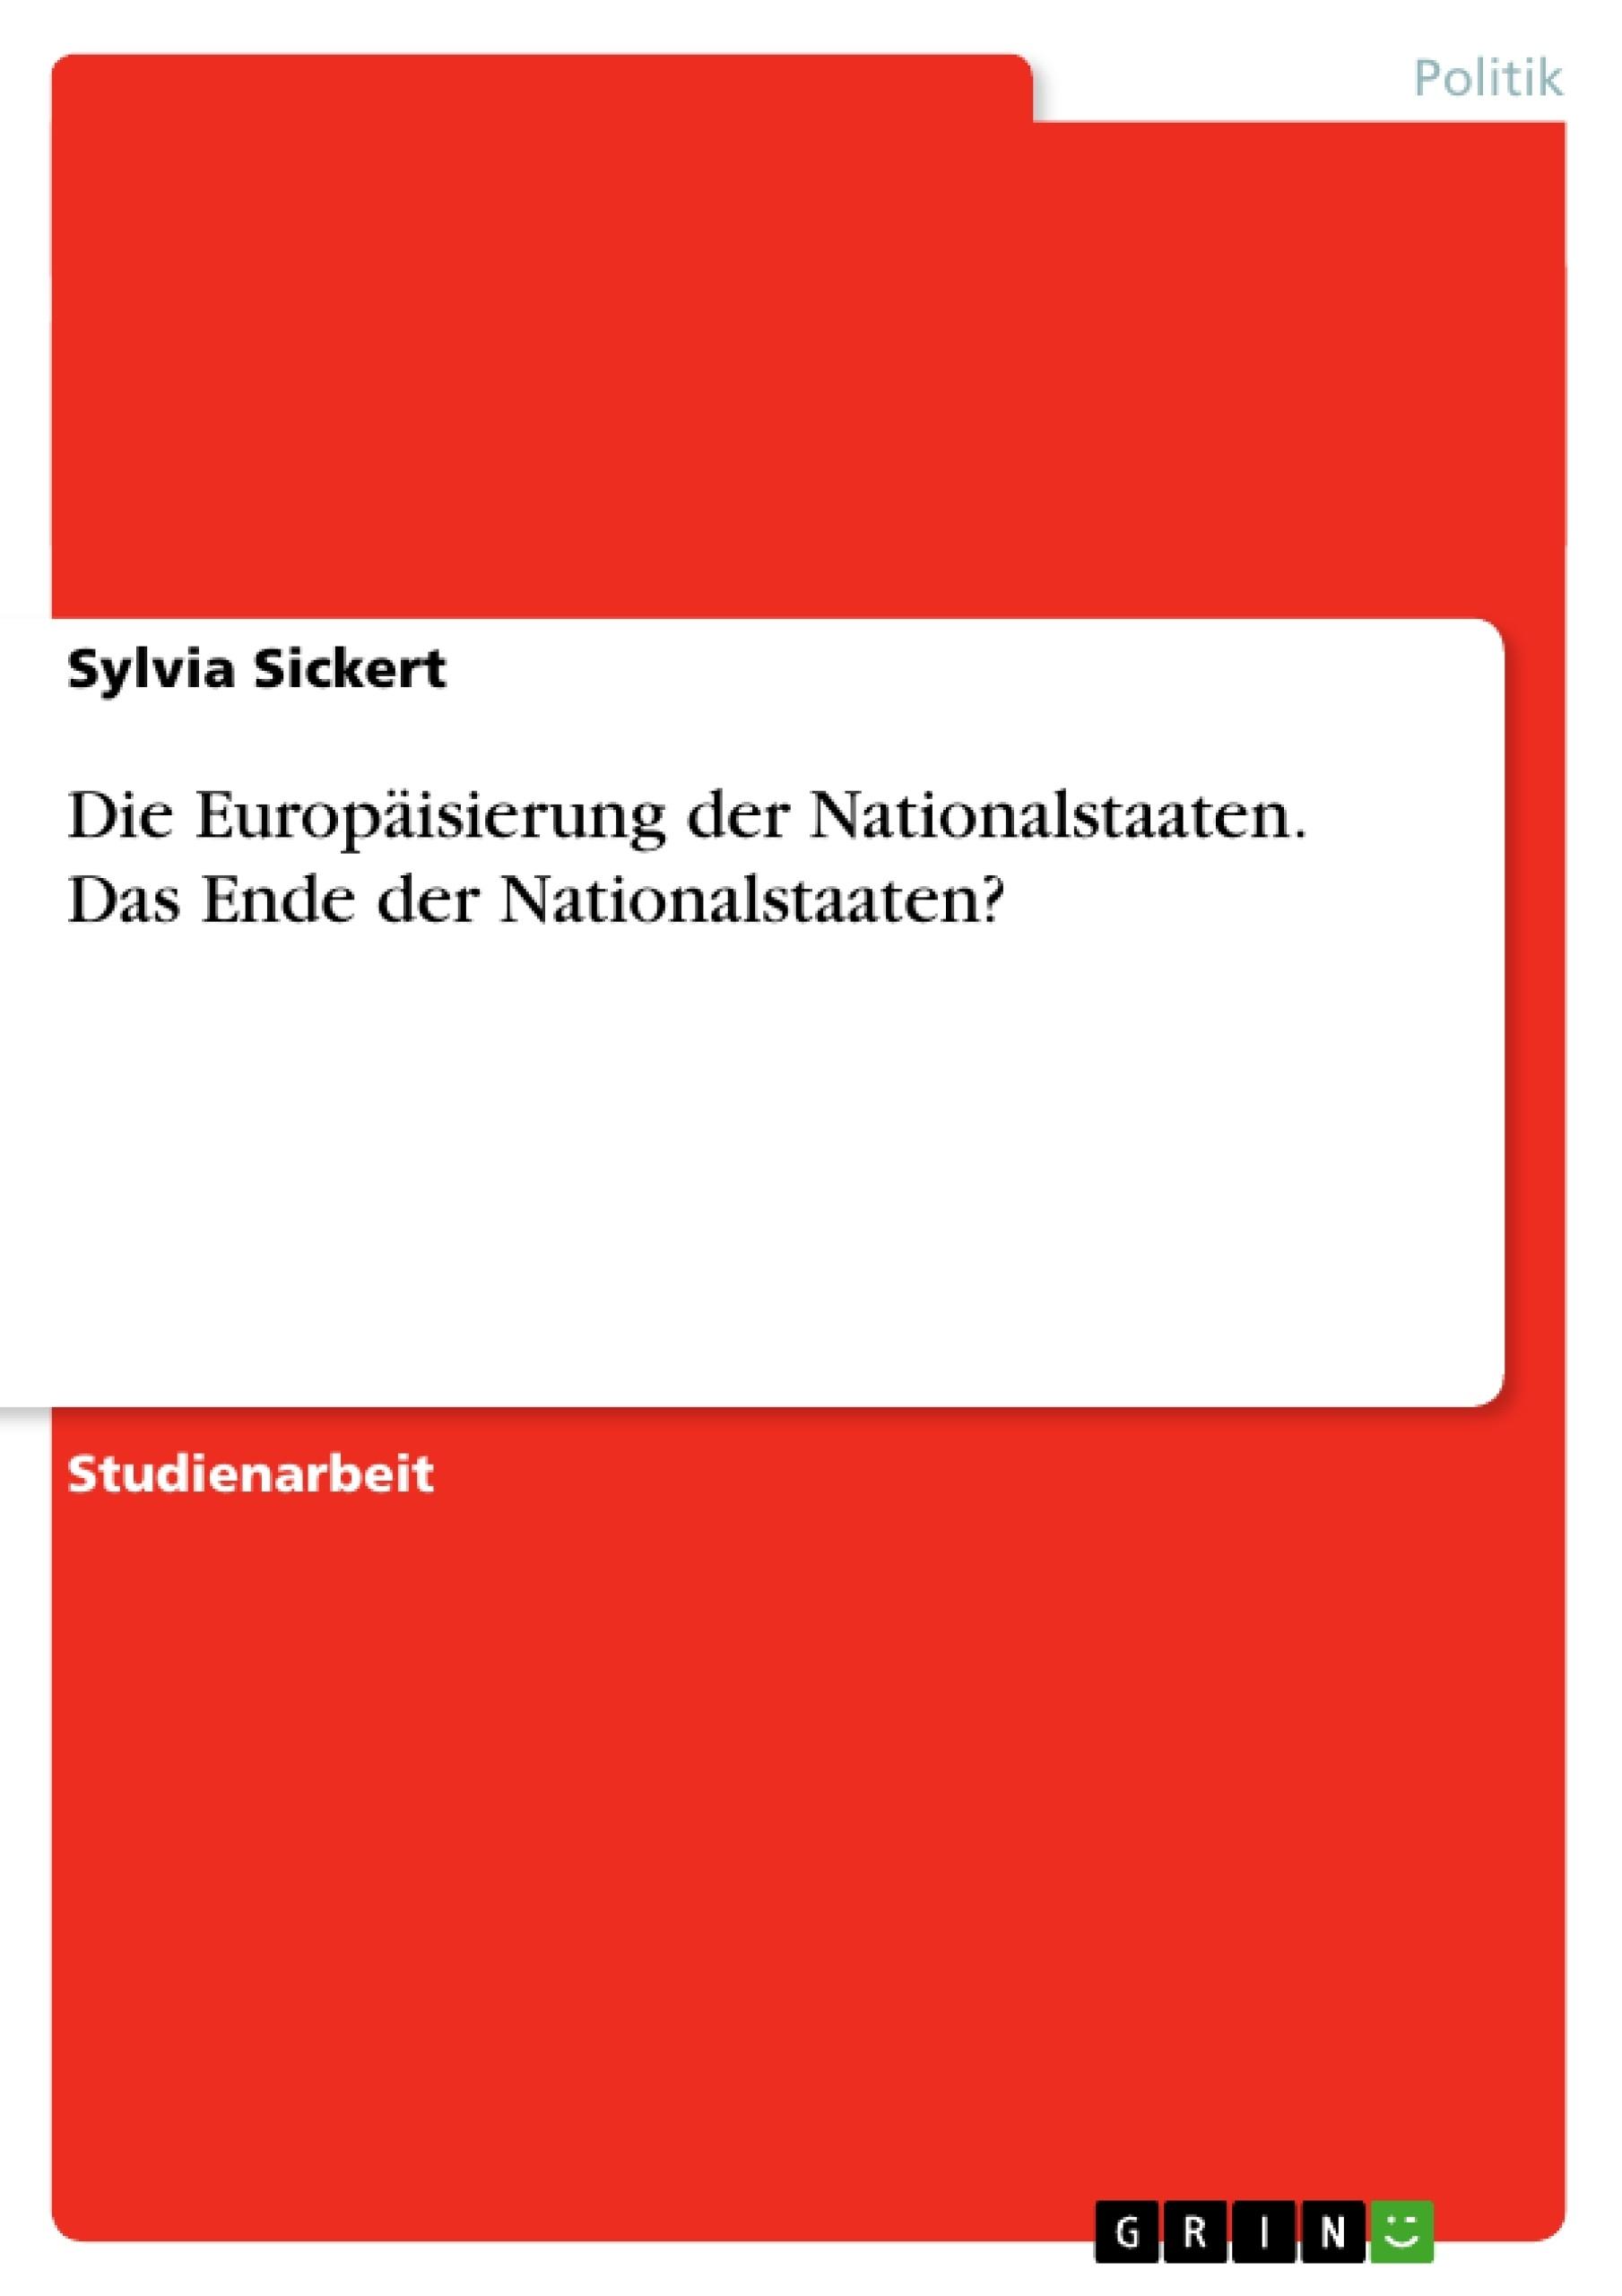 Titel: Die Europäisierung der Nationalstaaten. Das Ende der Nationalstaaten?